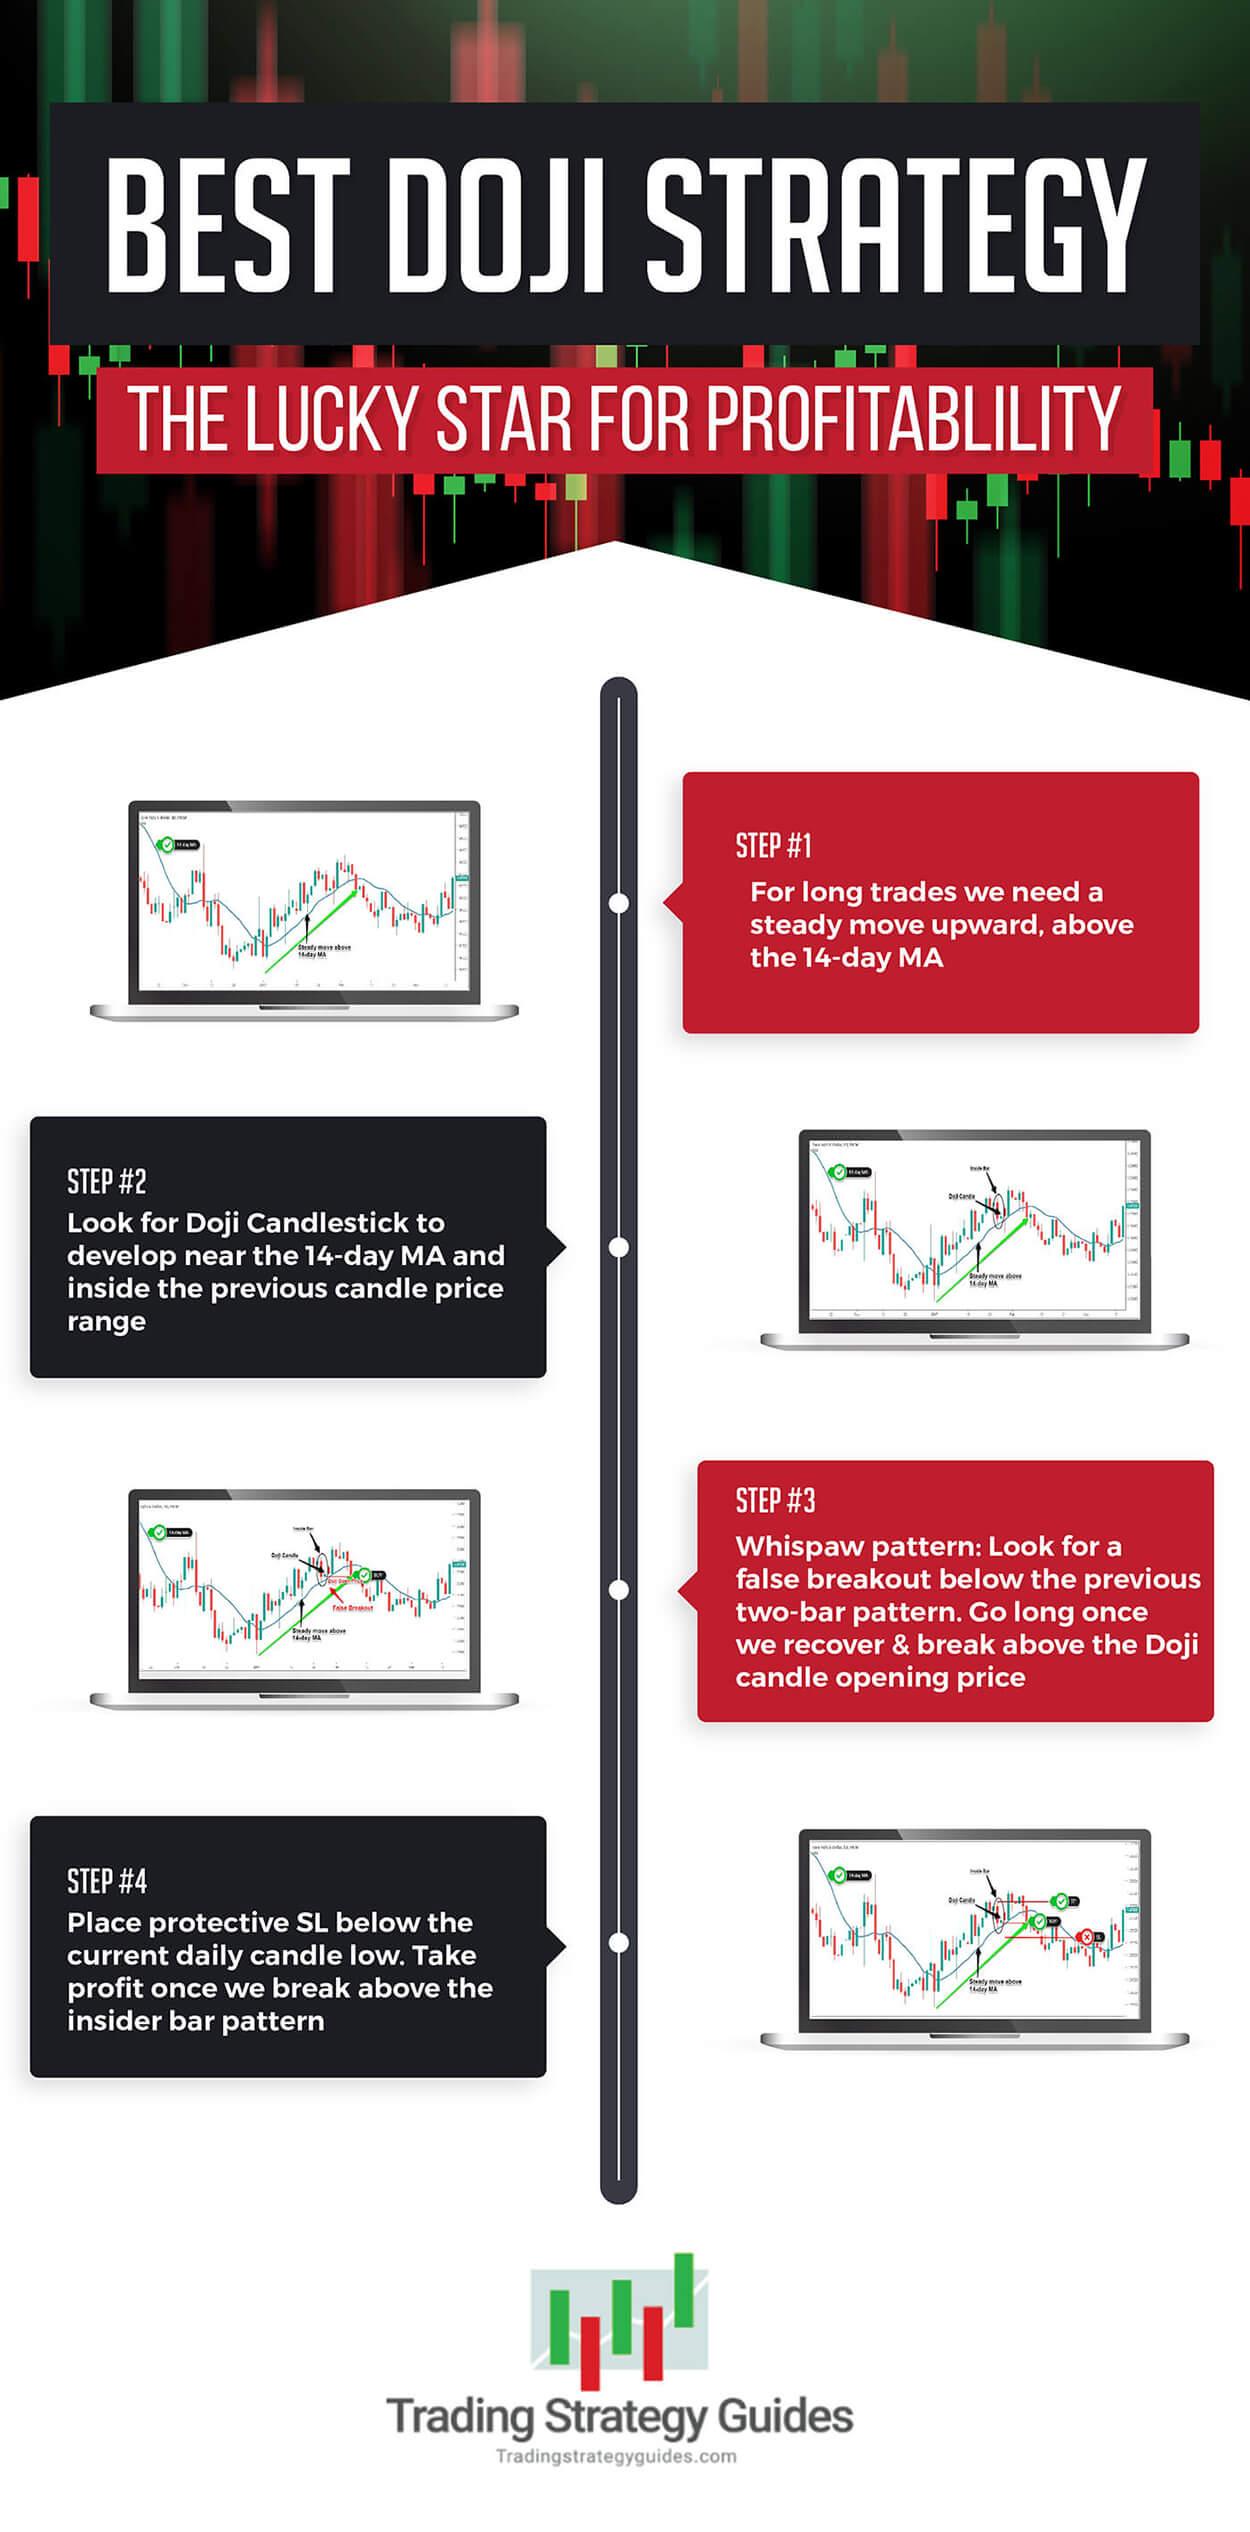 best doji strategy infographic